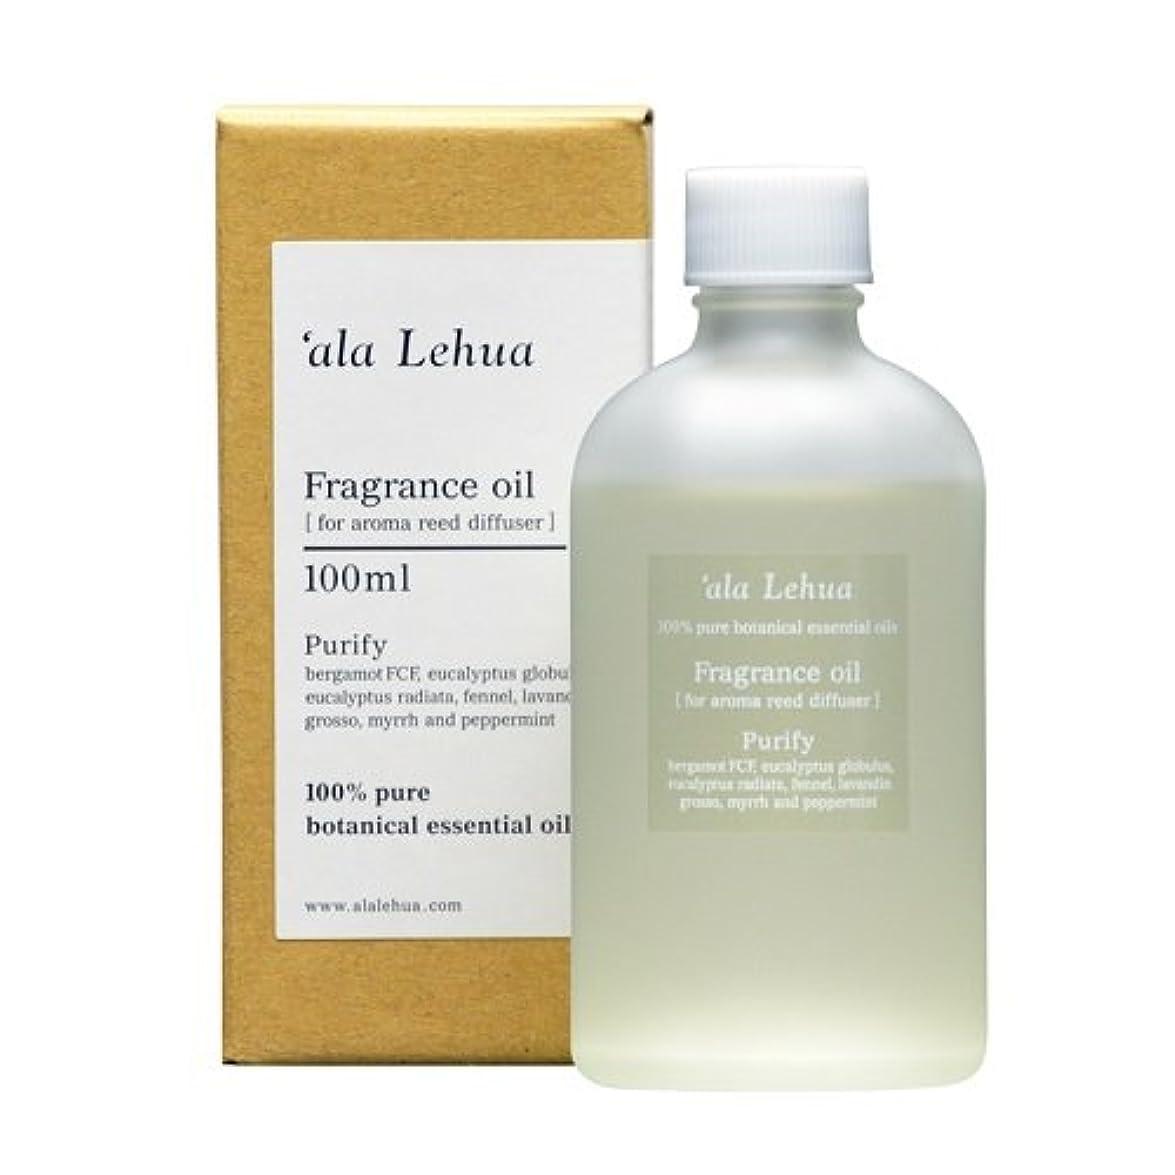 始めるキャッシュスクレーパーフレーバーライフ(Flavor Life) `ala Lehua (アラレフア) アロマリードディフューザー フレグランスオイル 100ml purify(ピュリファイ)